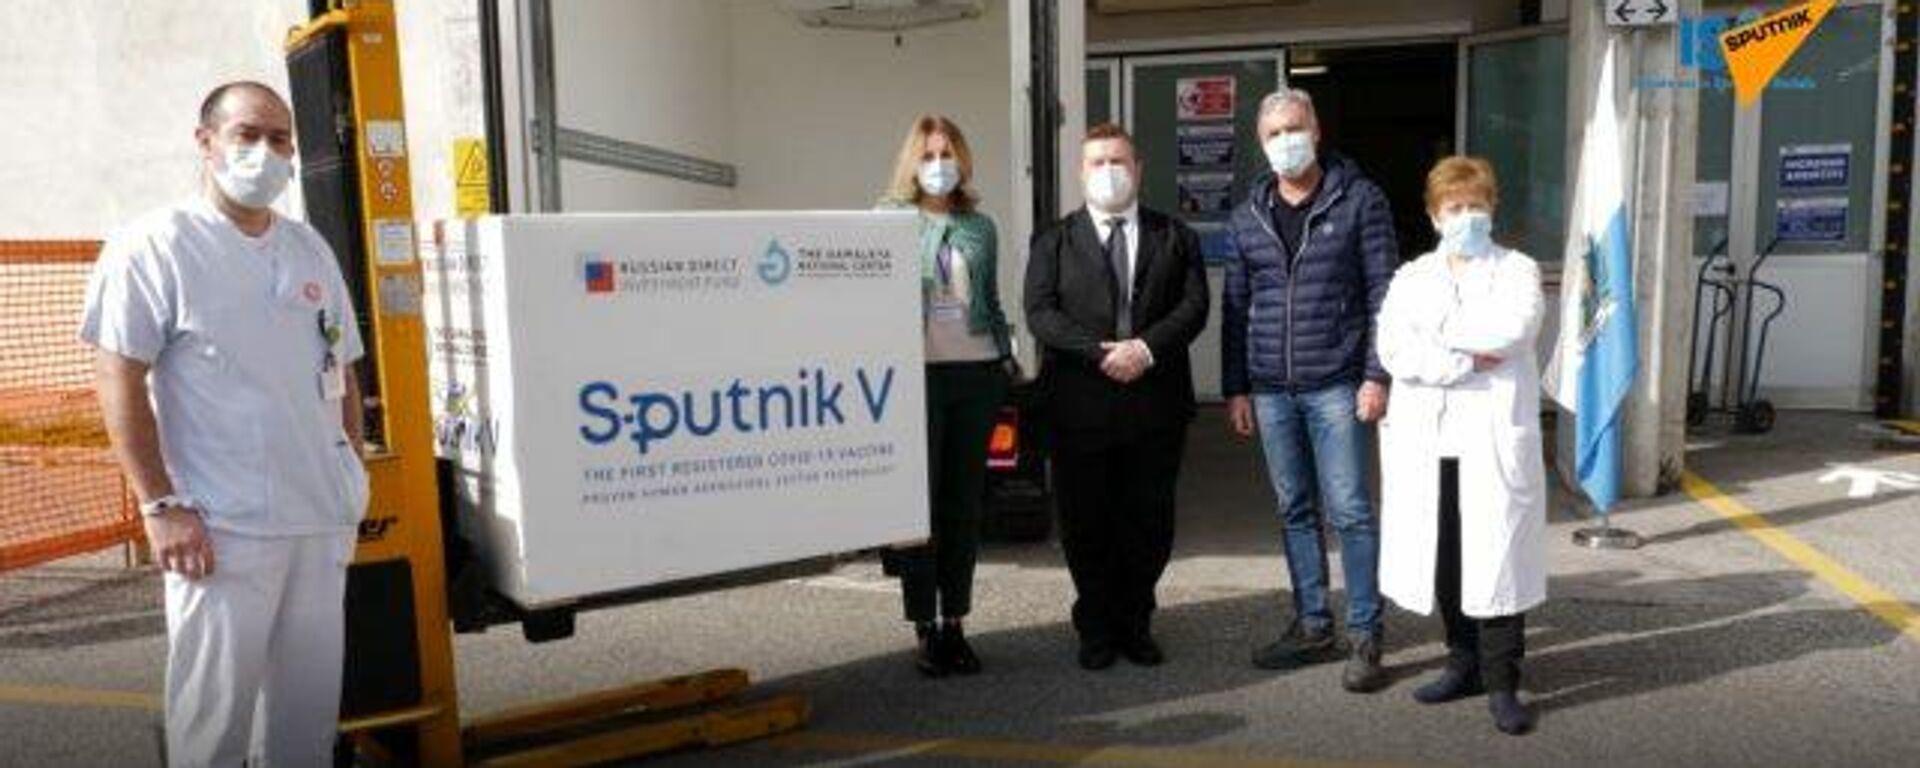 San Marino empieza la campaña de vacunación con la Sputnik V - Sputnik Mundo, 1920, 25.02.2021